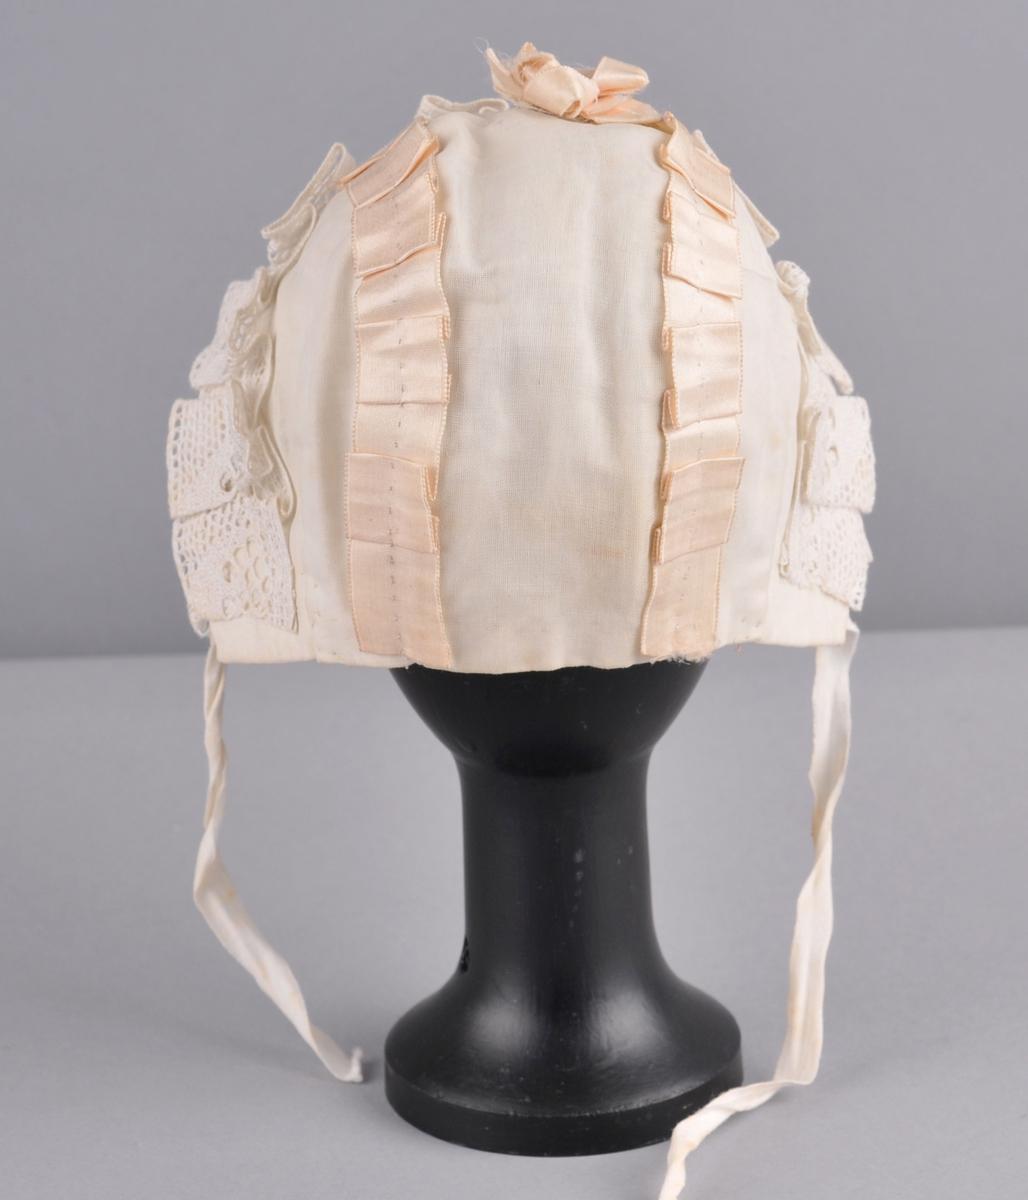 Kvit trestykks-luve; eit midtstykke frå panne til nakke med to avrunda firkanta sidestykke. Luva er av lin som er kledd med kvit voile. Over saumane er det eit foldelagt ljosrosa silkeband. Midt på hovudet er det ein rosett av same type silkeband. Langs framkanten på luva er det ein kvit foldelagt linknipling. Innerluva som er sauma fast nokre stader på sjølve luva, er av bomullsbatist og har eit anna snitt; eit rektangulært stoffstykke som har saum i nakken og rynker på issen. Det er linknipling i framkant på underluva. Knytebanda er kvite bomullsband.